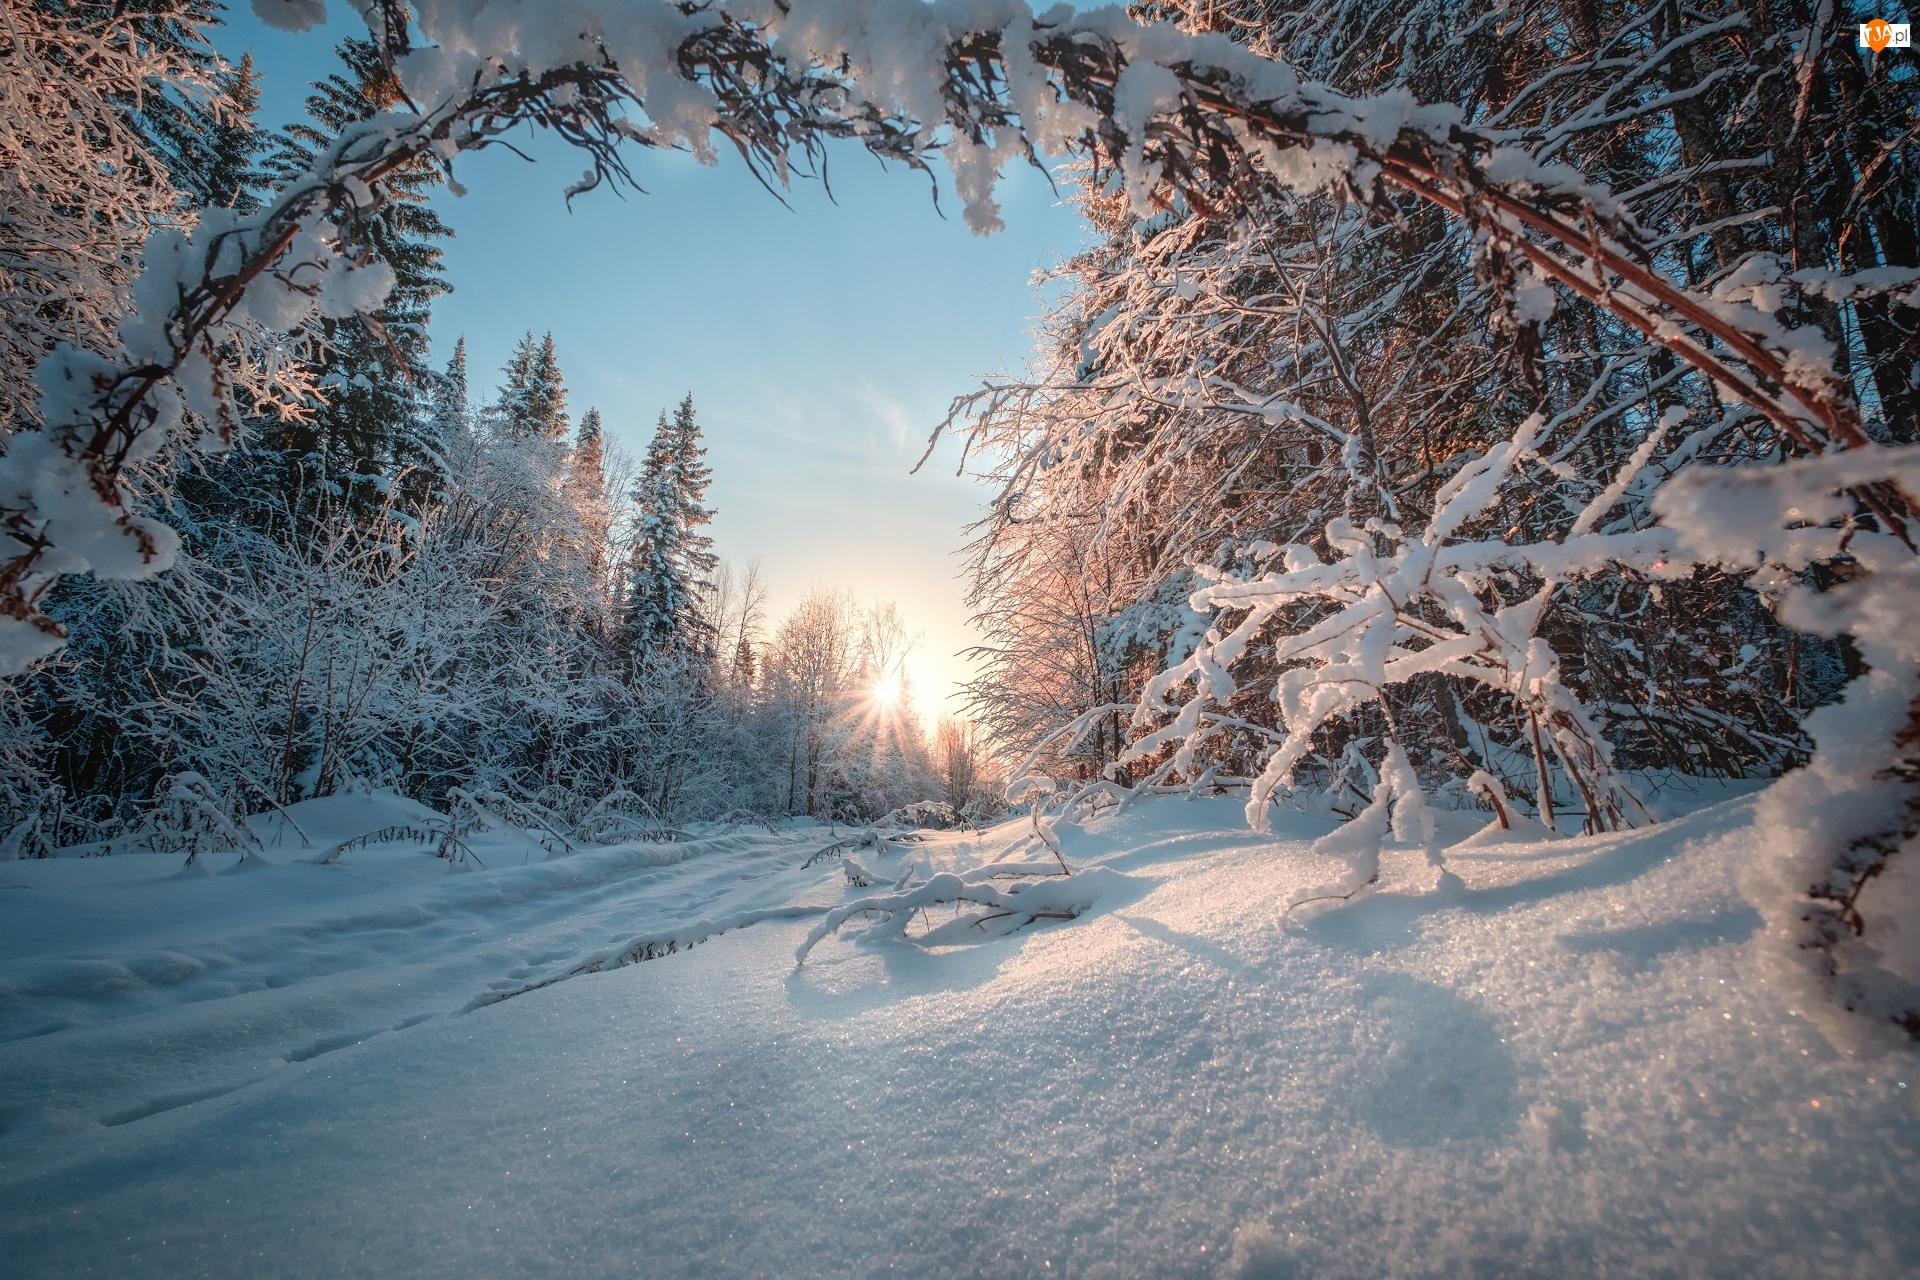 Drzewa, Rosja, Zima, Droga, Kraj Permski, Las, Promienie słońca, Ural